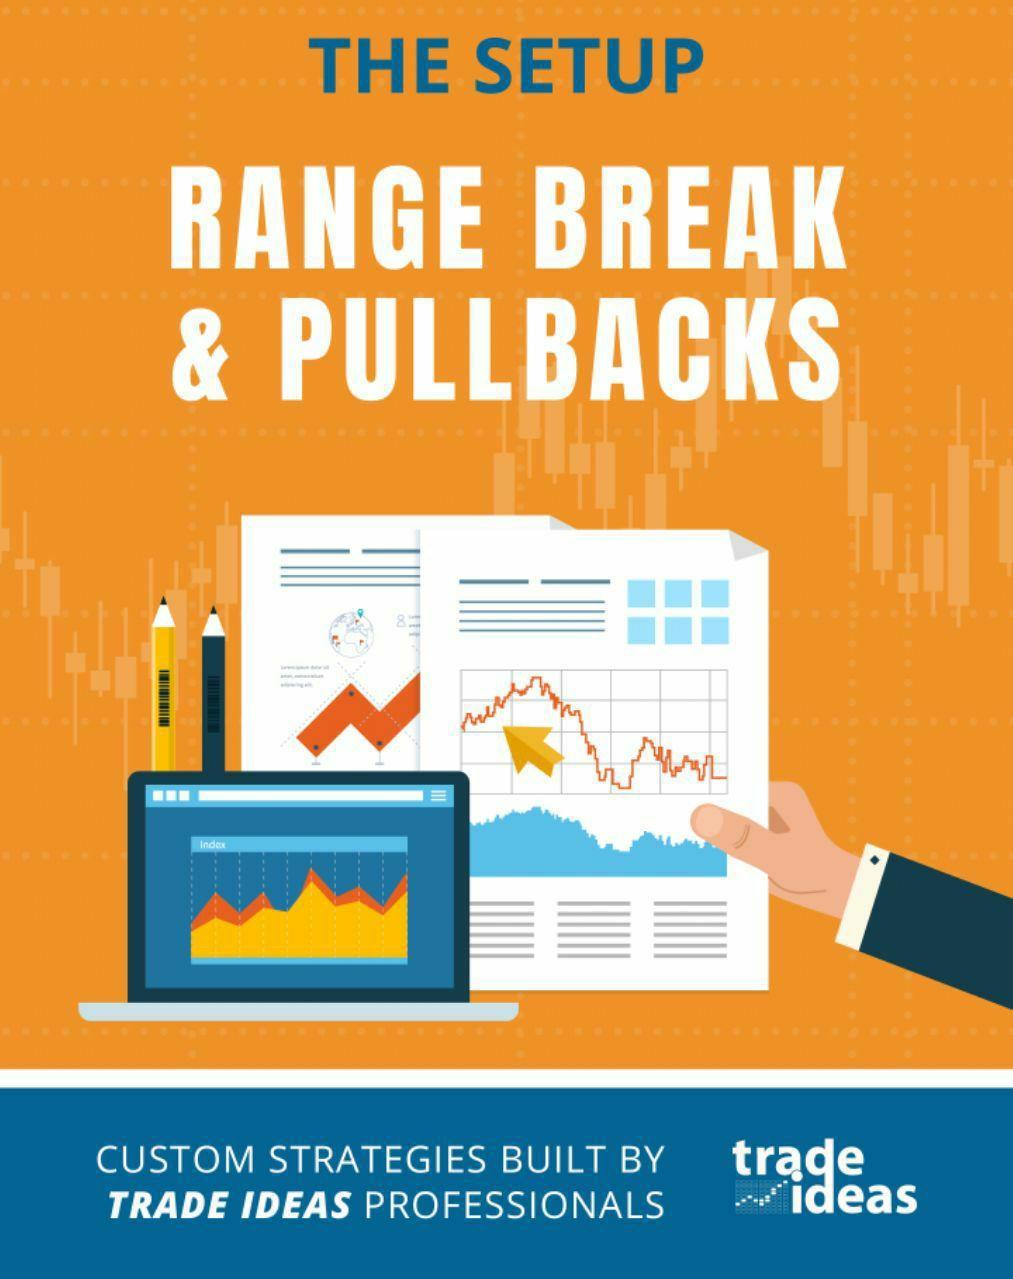 RANGE BREAK & PULLBACKS